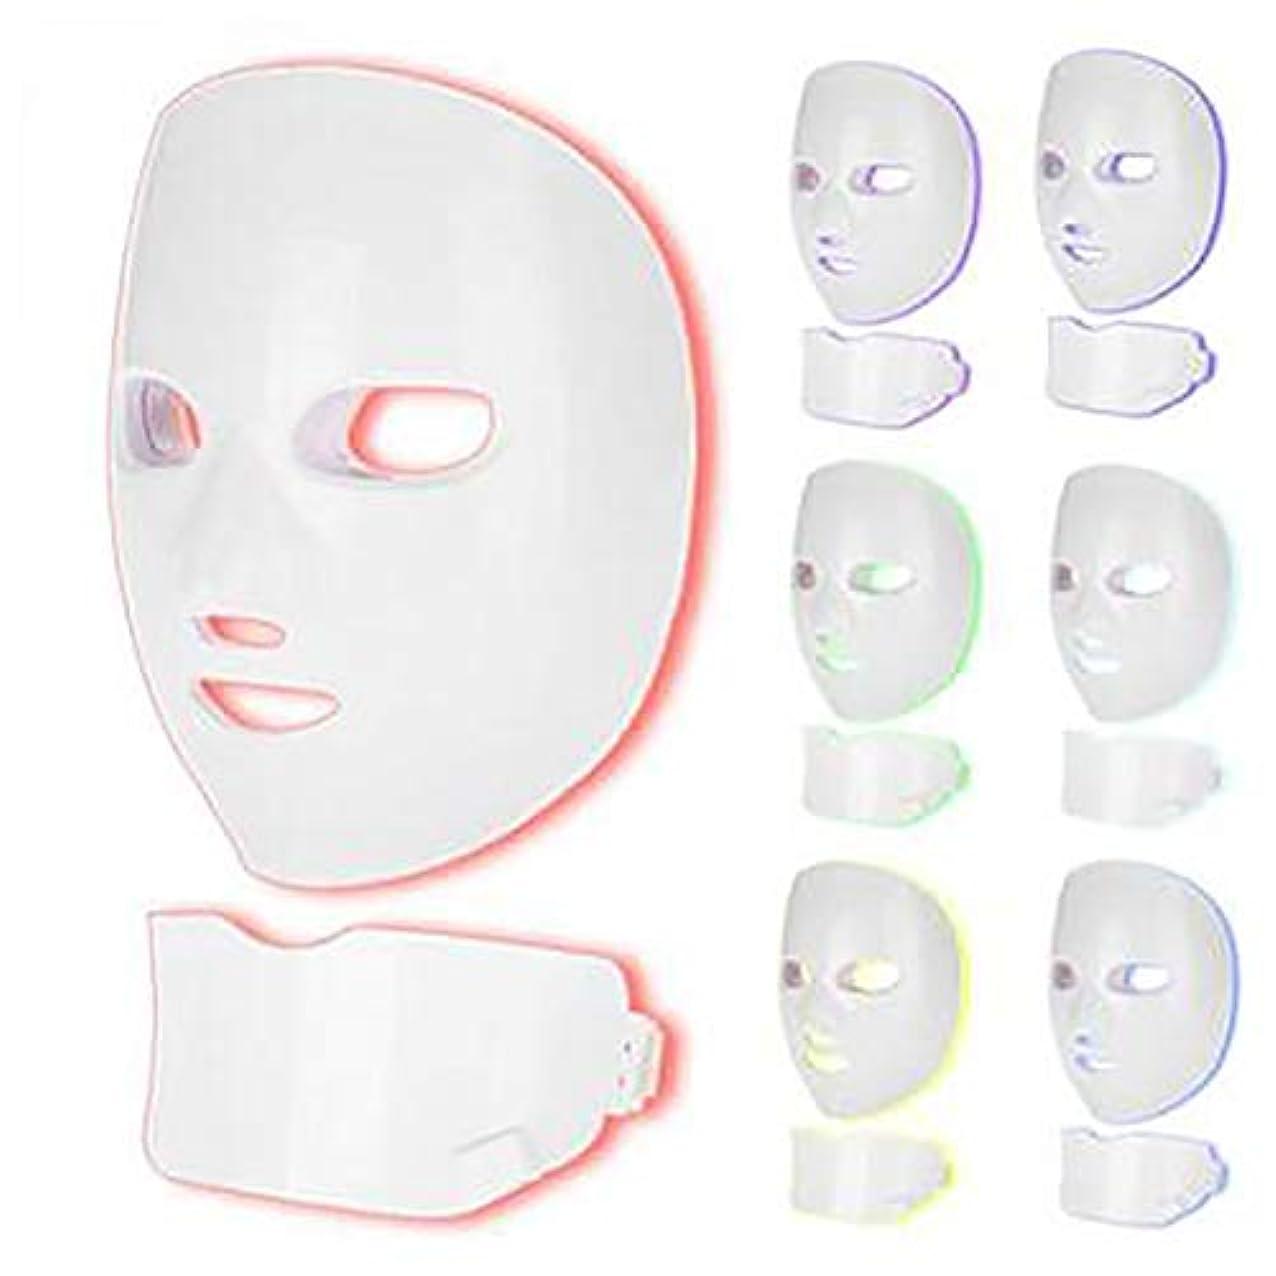 バース光の収容する7色フォトンマスクスキンリジュビネーションフェイスネックスキンリフティングリフティングスキンリジュビネーションフェイスビューティーLEDフェイスマスクマシン